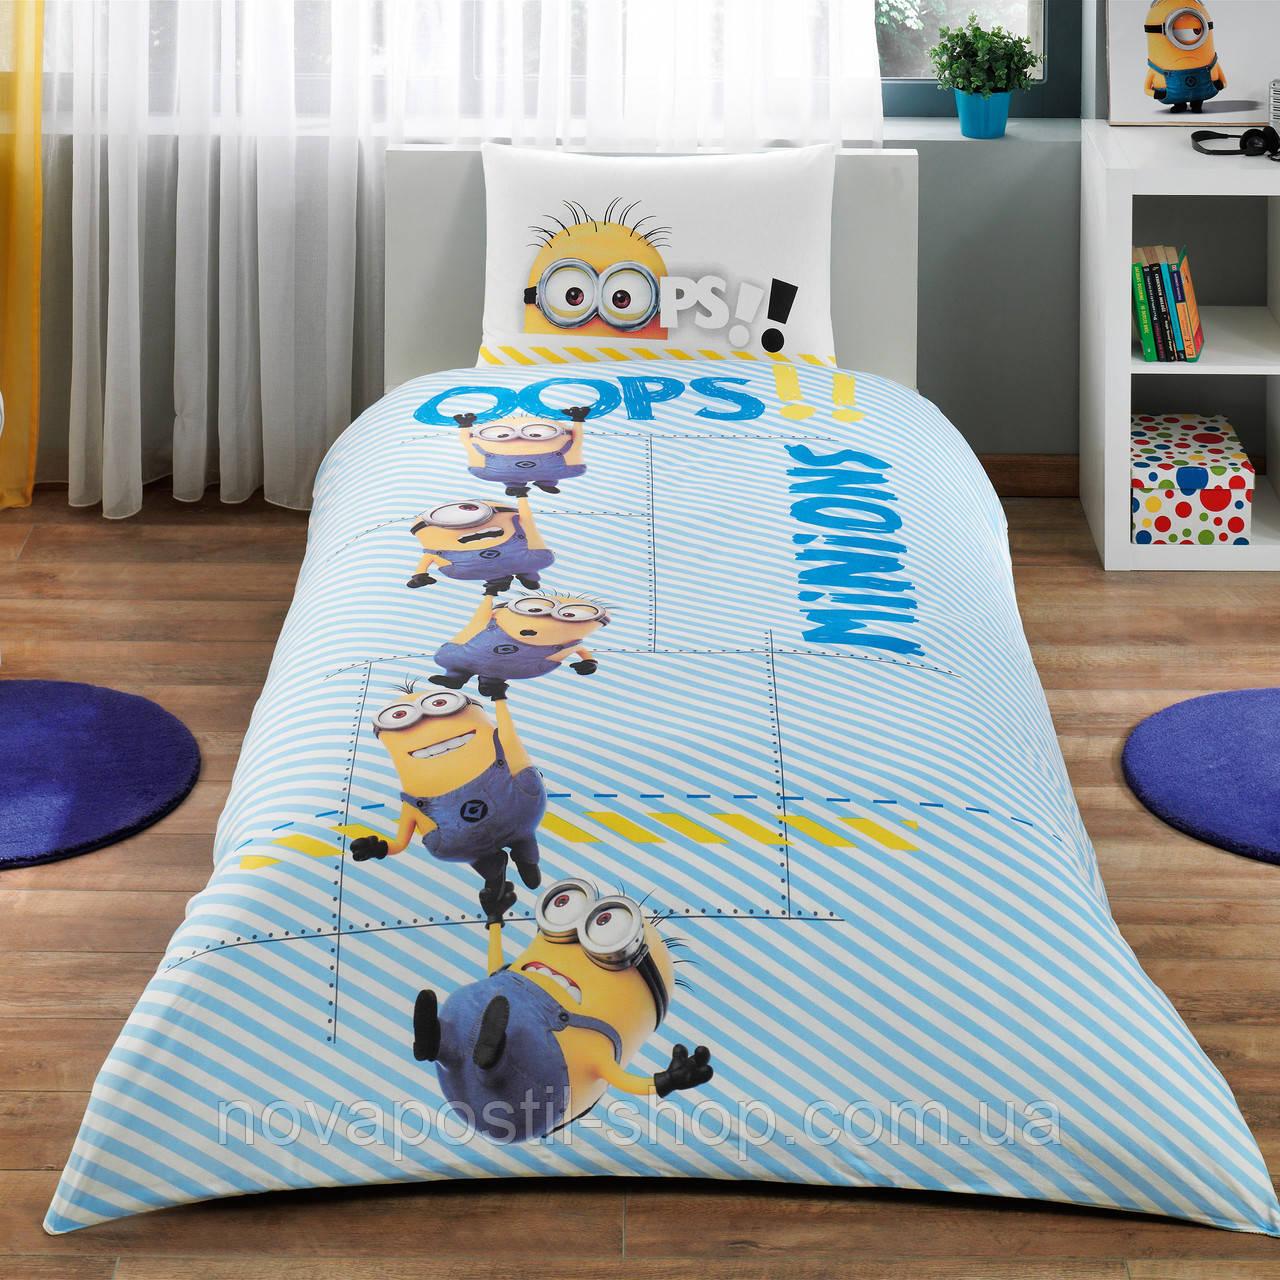 Комплект подросткового постельного белья MINIONS AT WORK